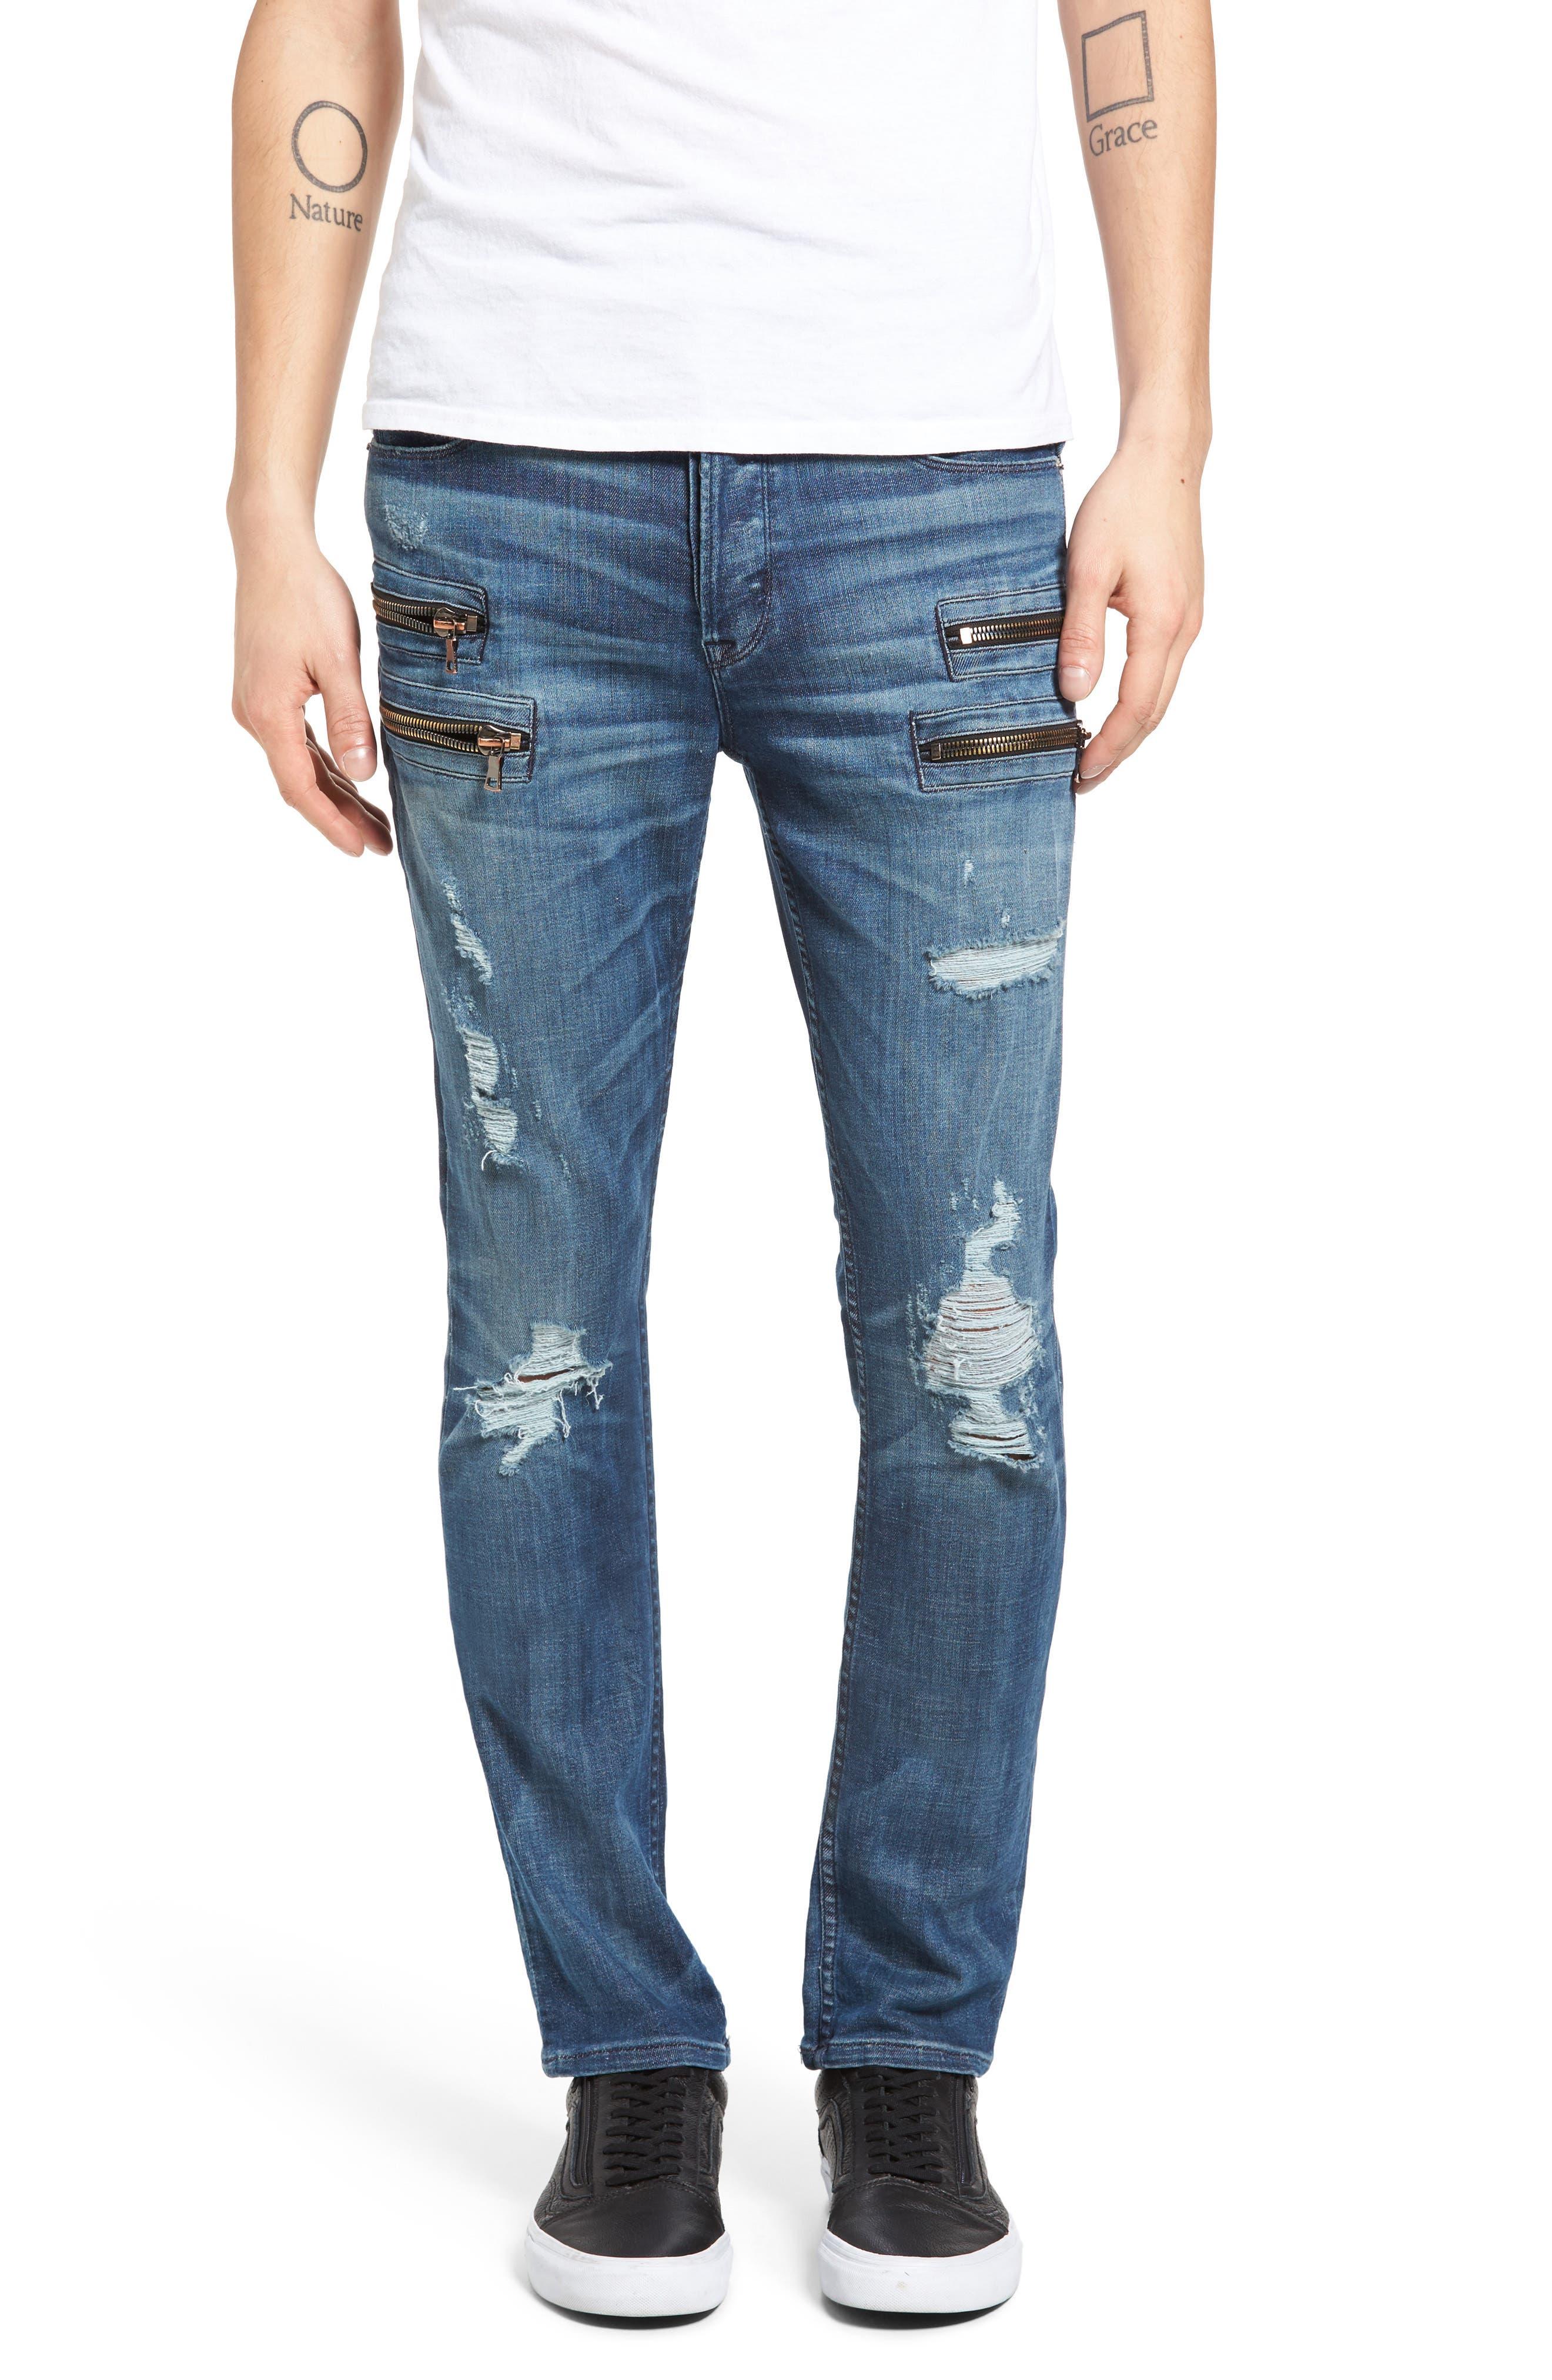 HUDSON JEANS Broderick Biker Skinny Fit Jeans